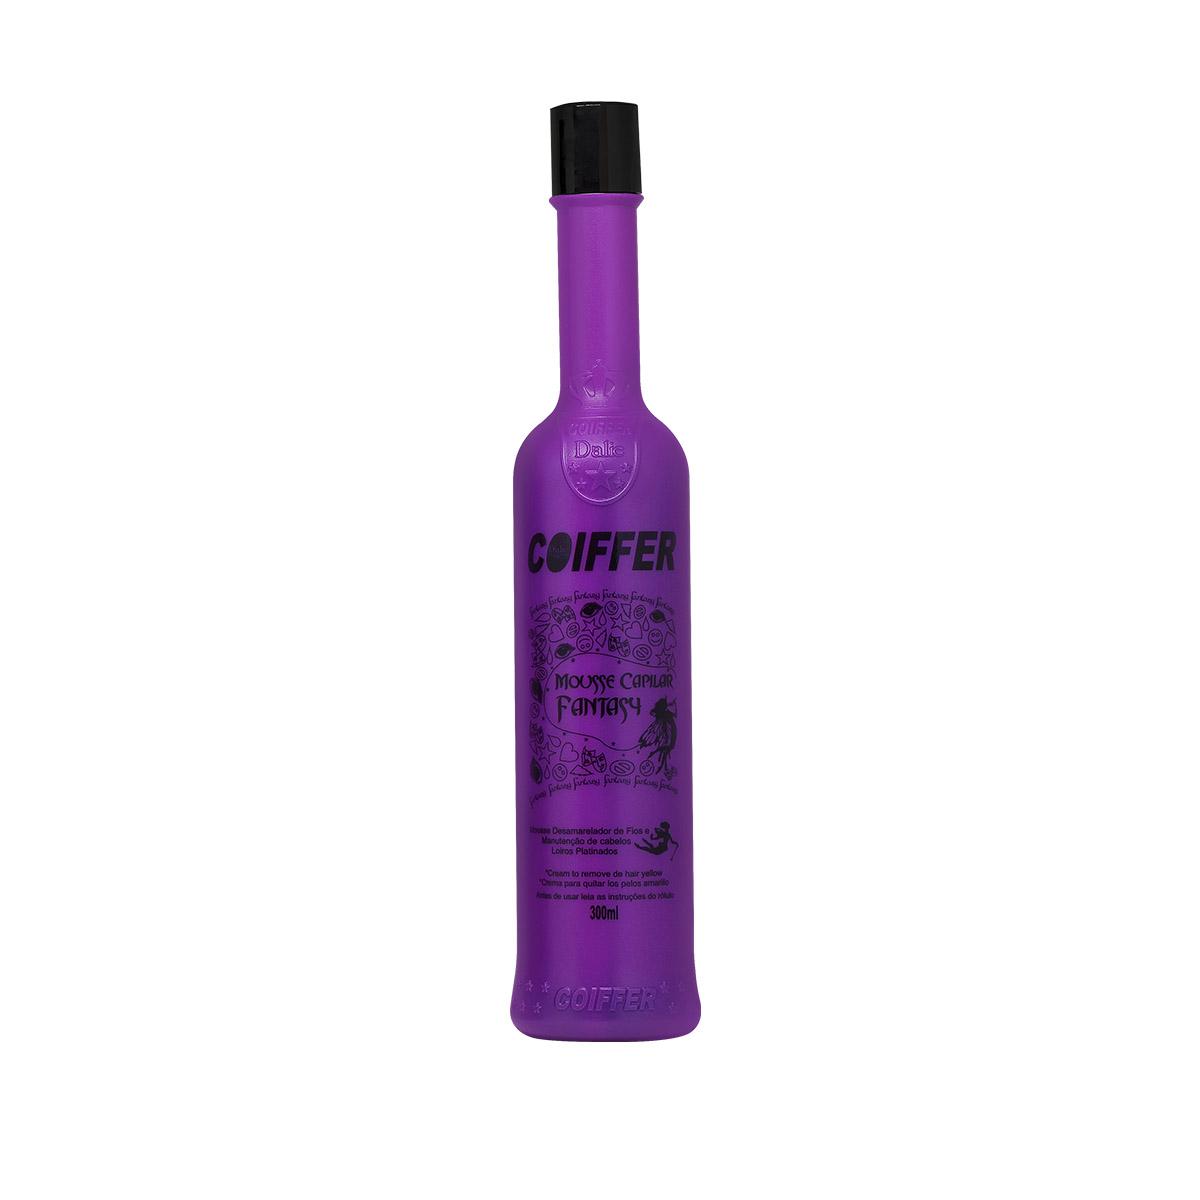 Shampoo Matizador para Cabelos  Fantasy Coiffer 300ml